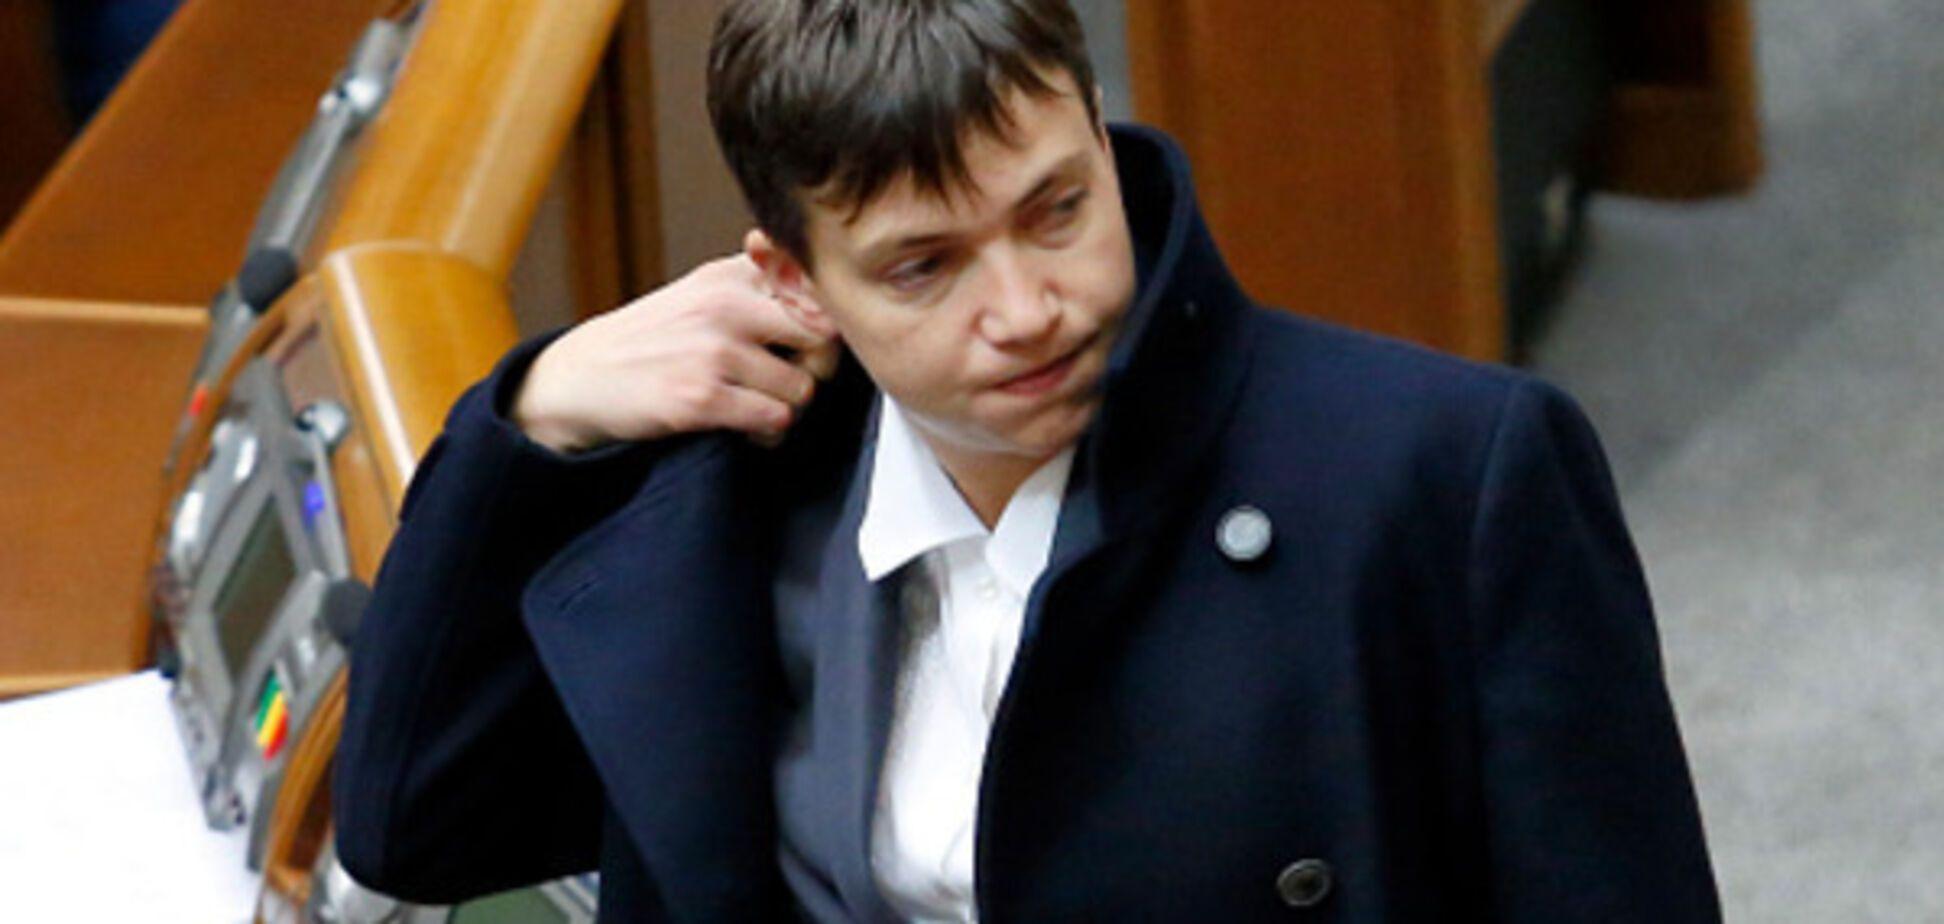 Савченко готова зробити пропозицію президенту